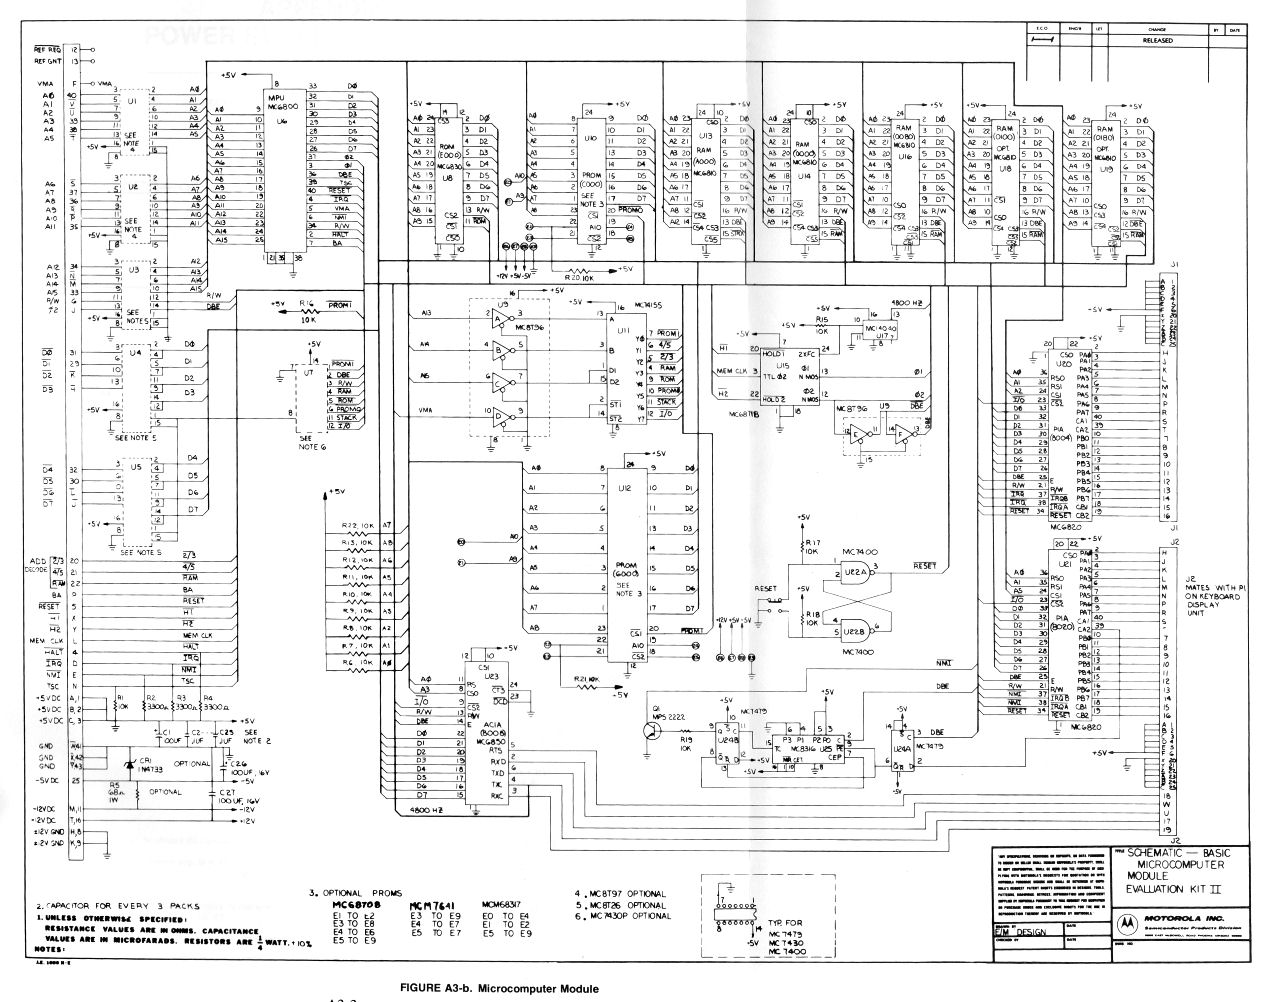 Motorola Mek D2 Computer